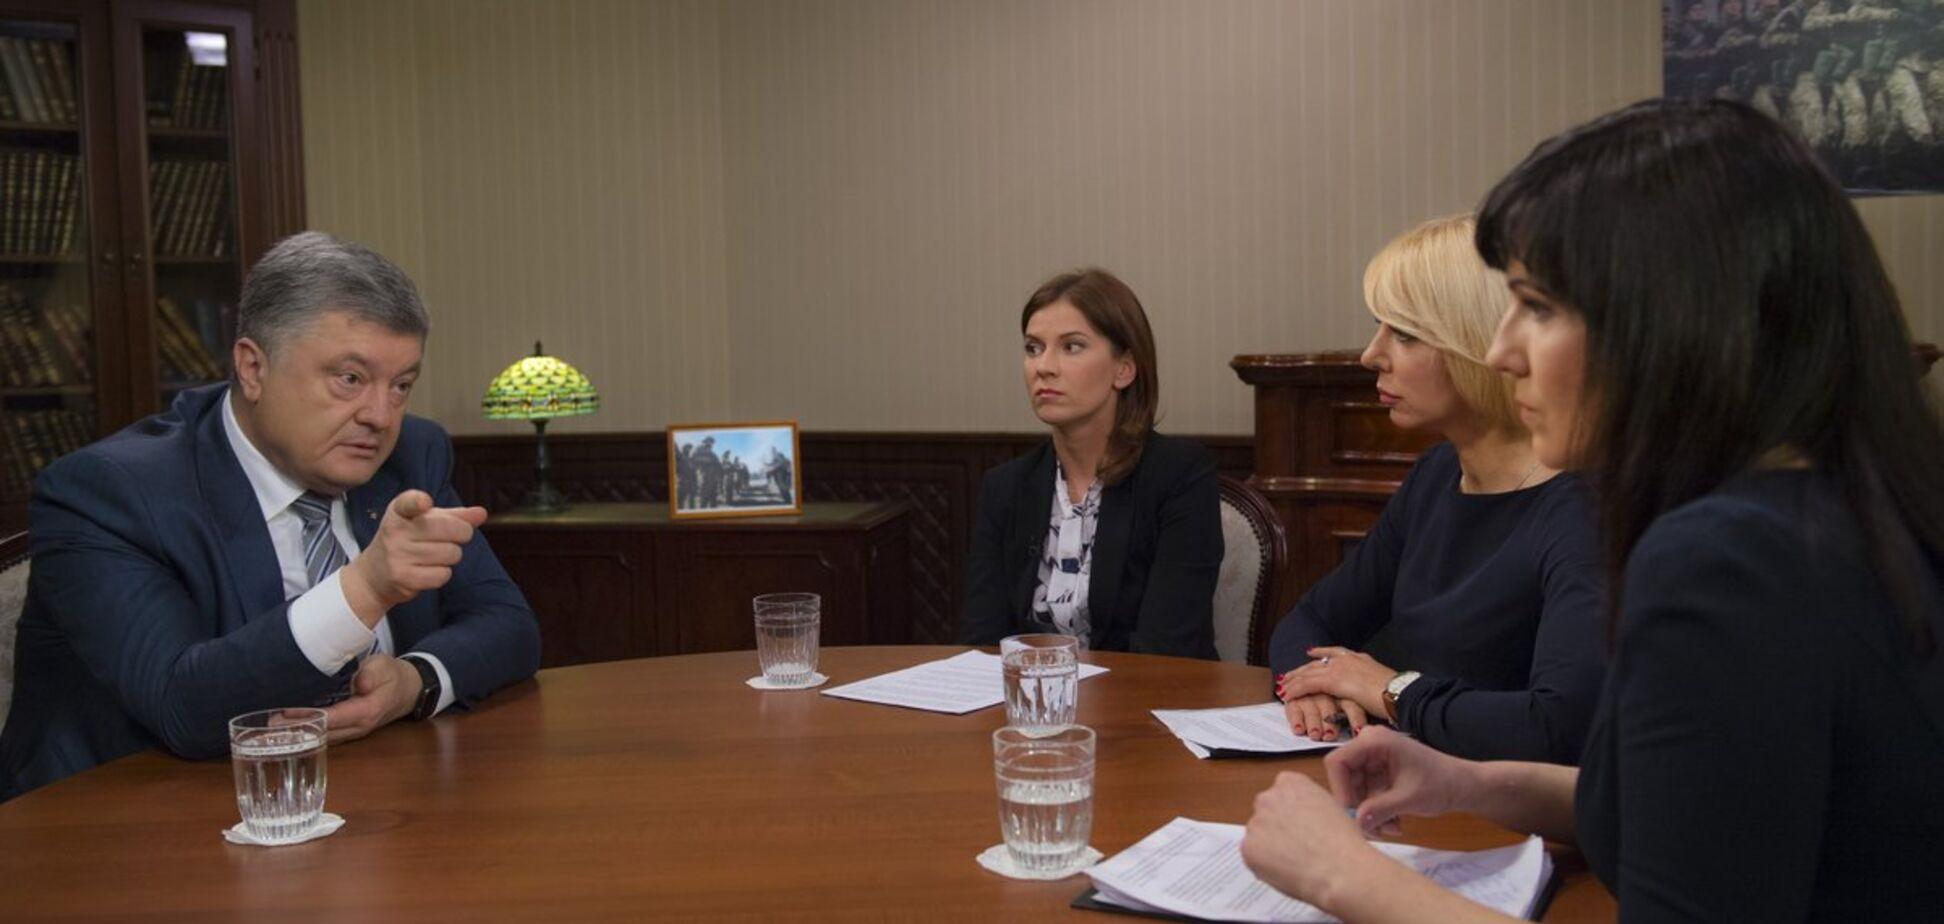 Більше 40 країн: Порошенко зробив заяву про миротворців ООН на Донбасі